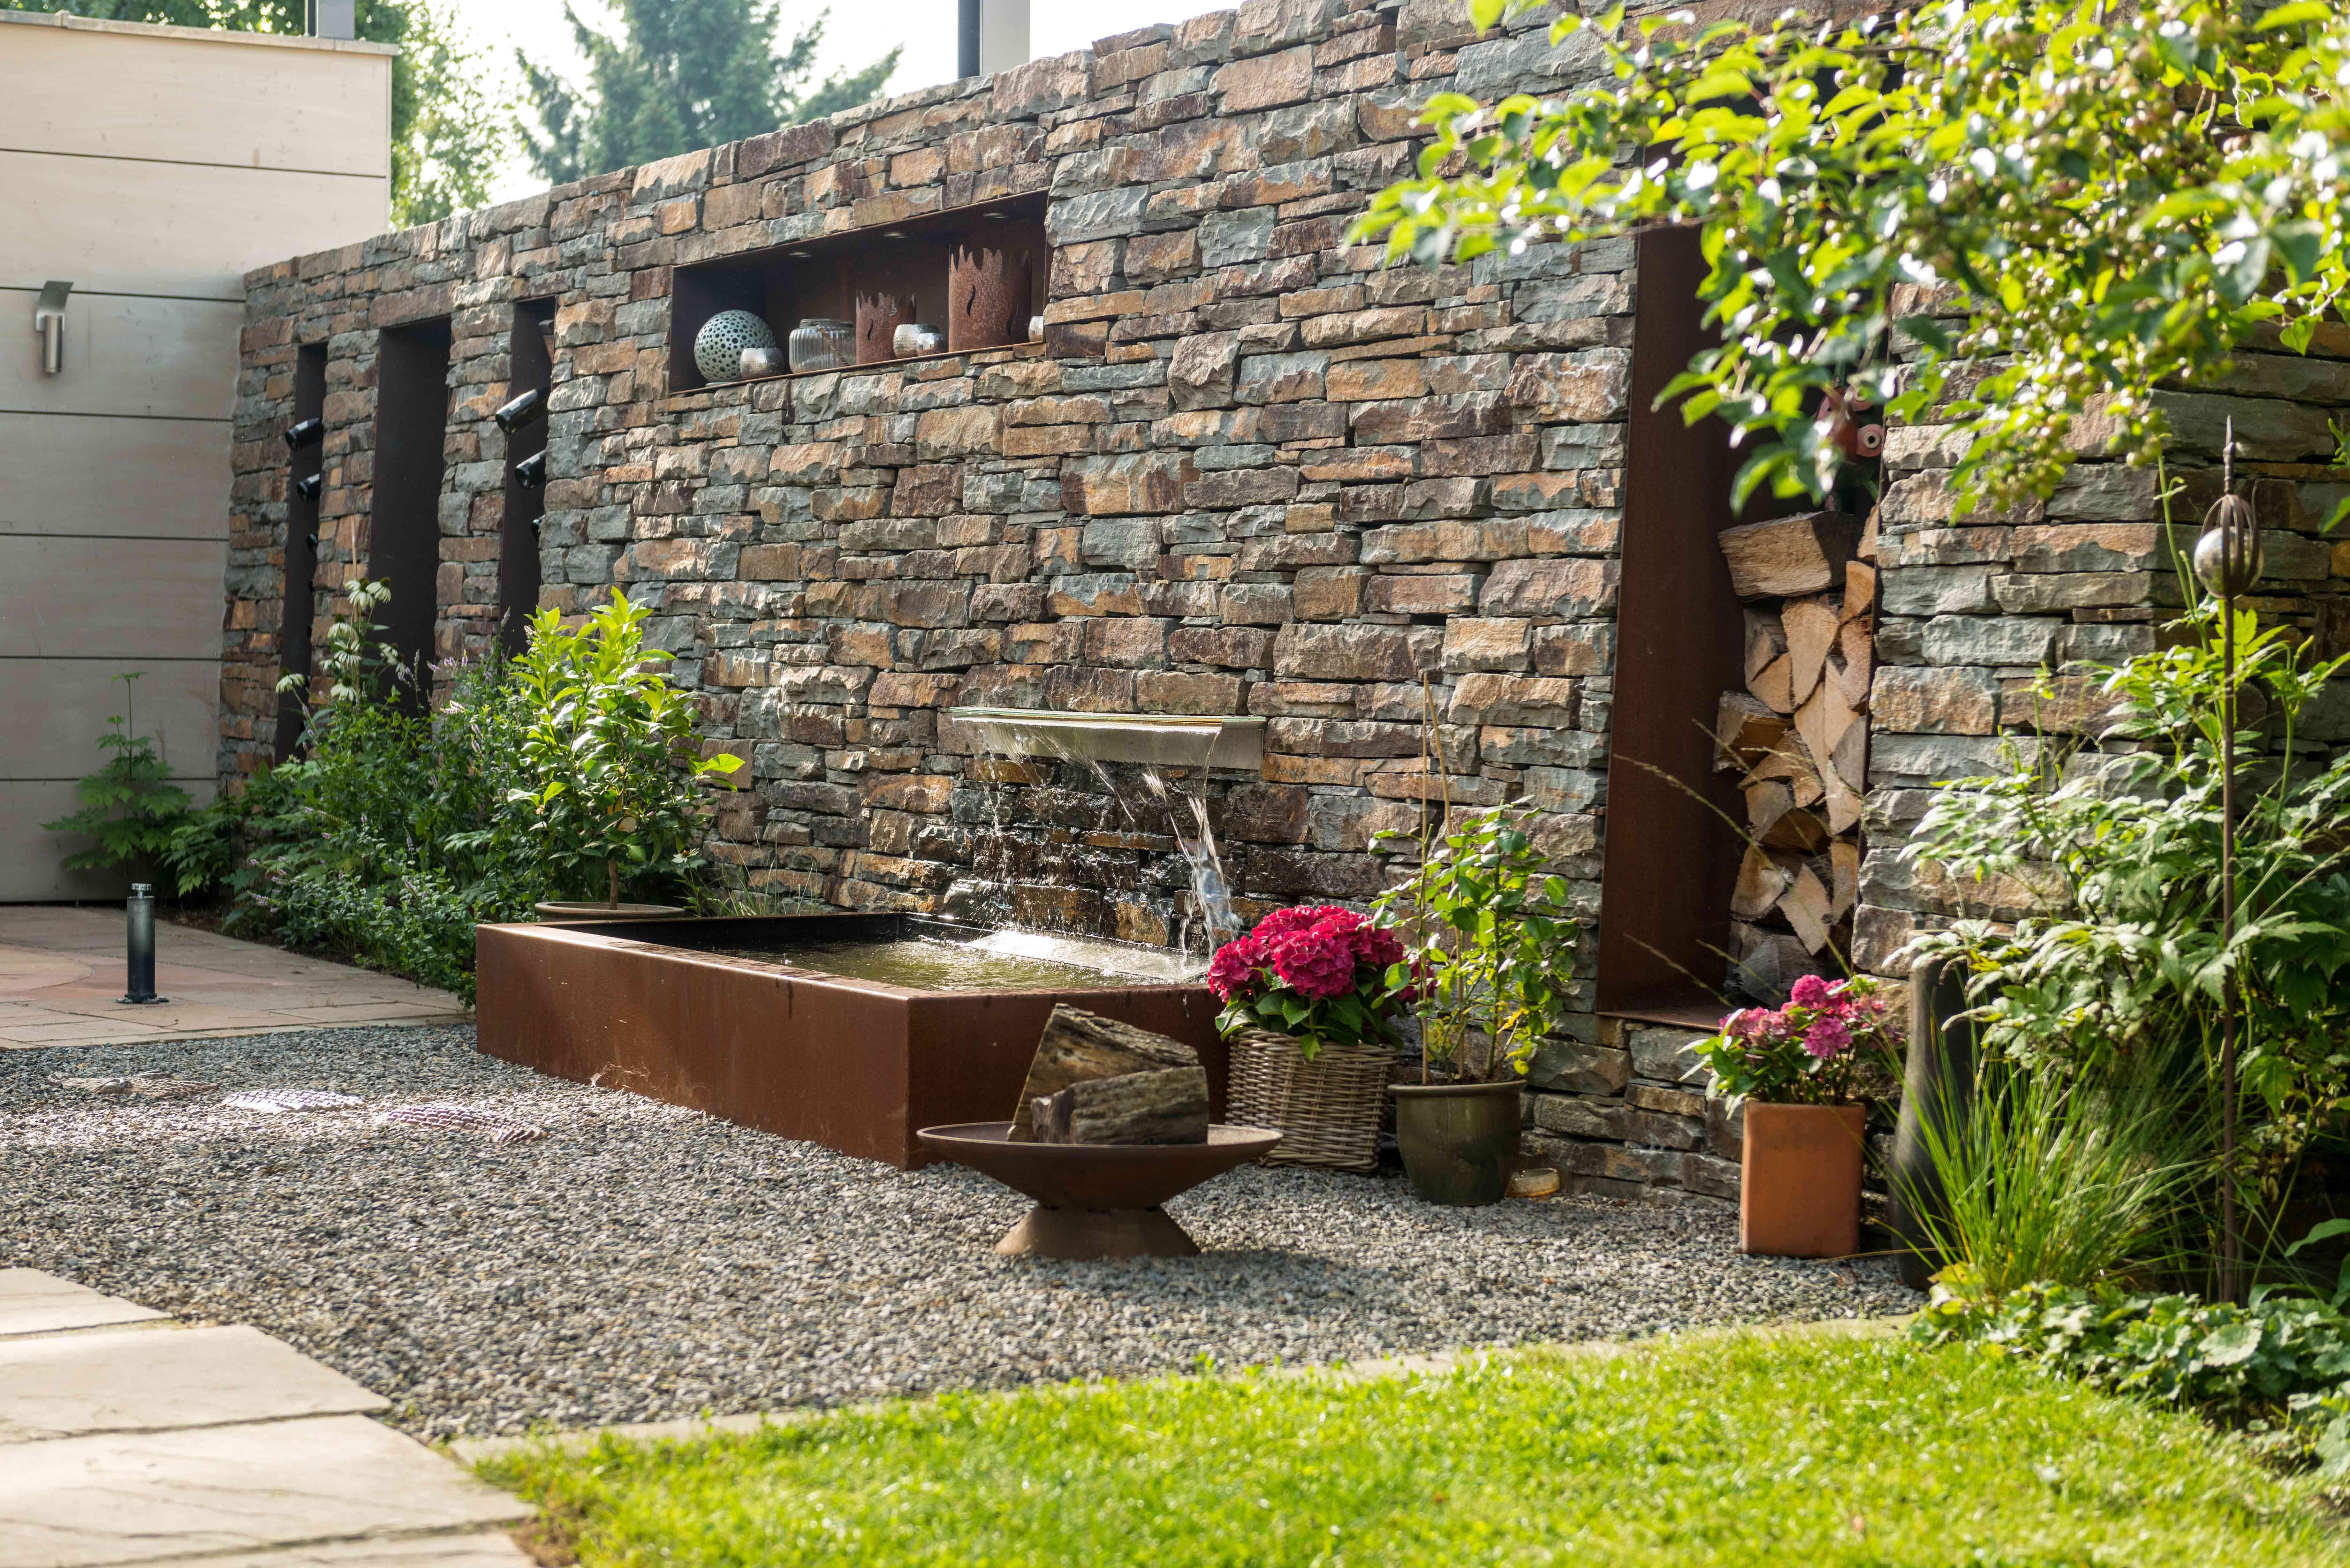 Wershofen Garten Design, Trockenmauer Und Wasserspiel, Privatgarten `15